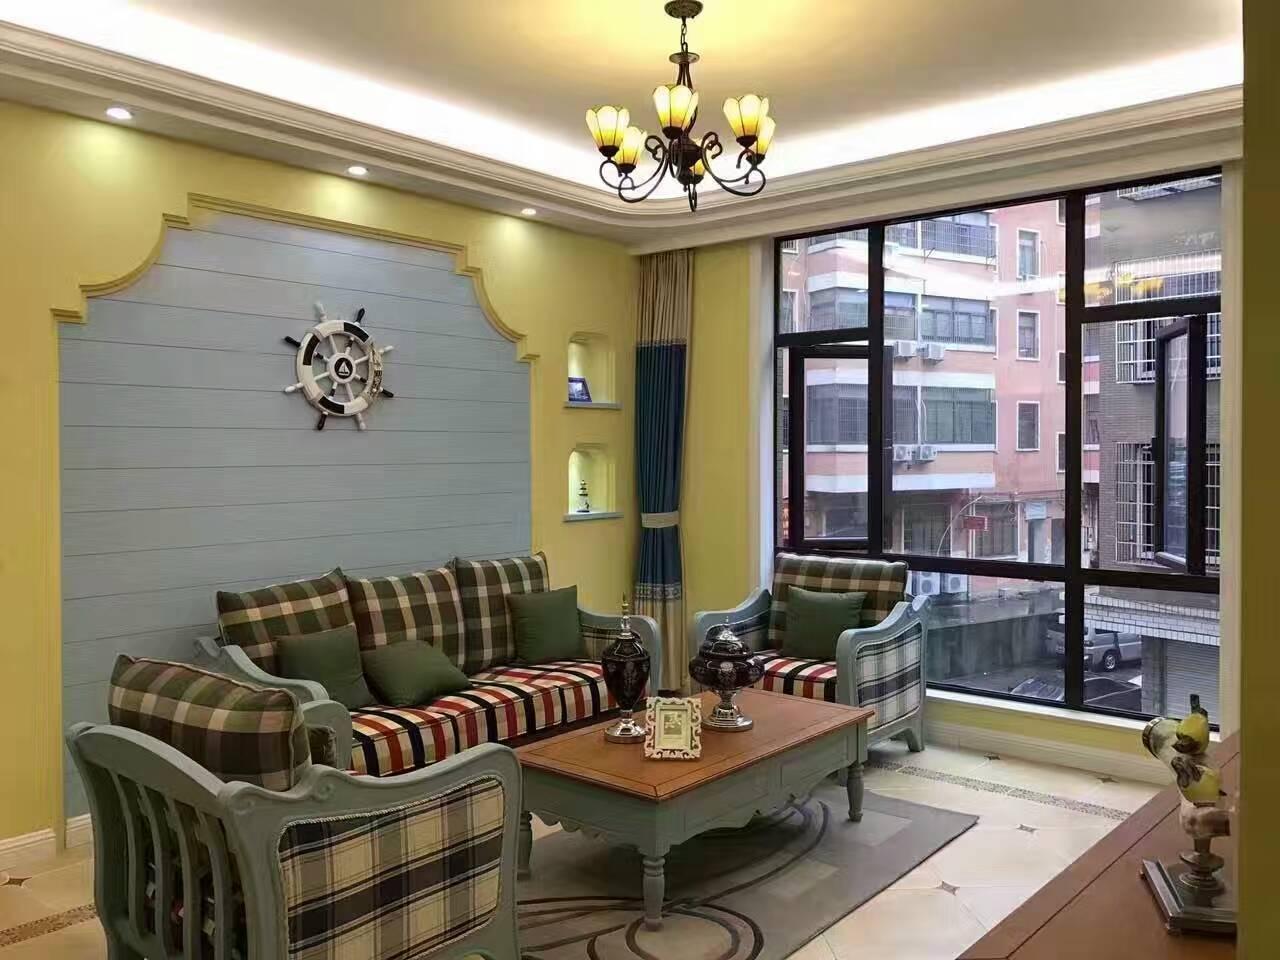 南门街 豪华电梯房 欧式风格 一室二室任您选择